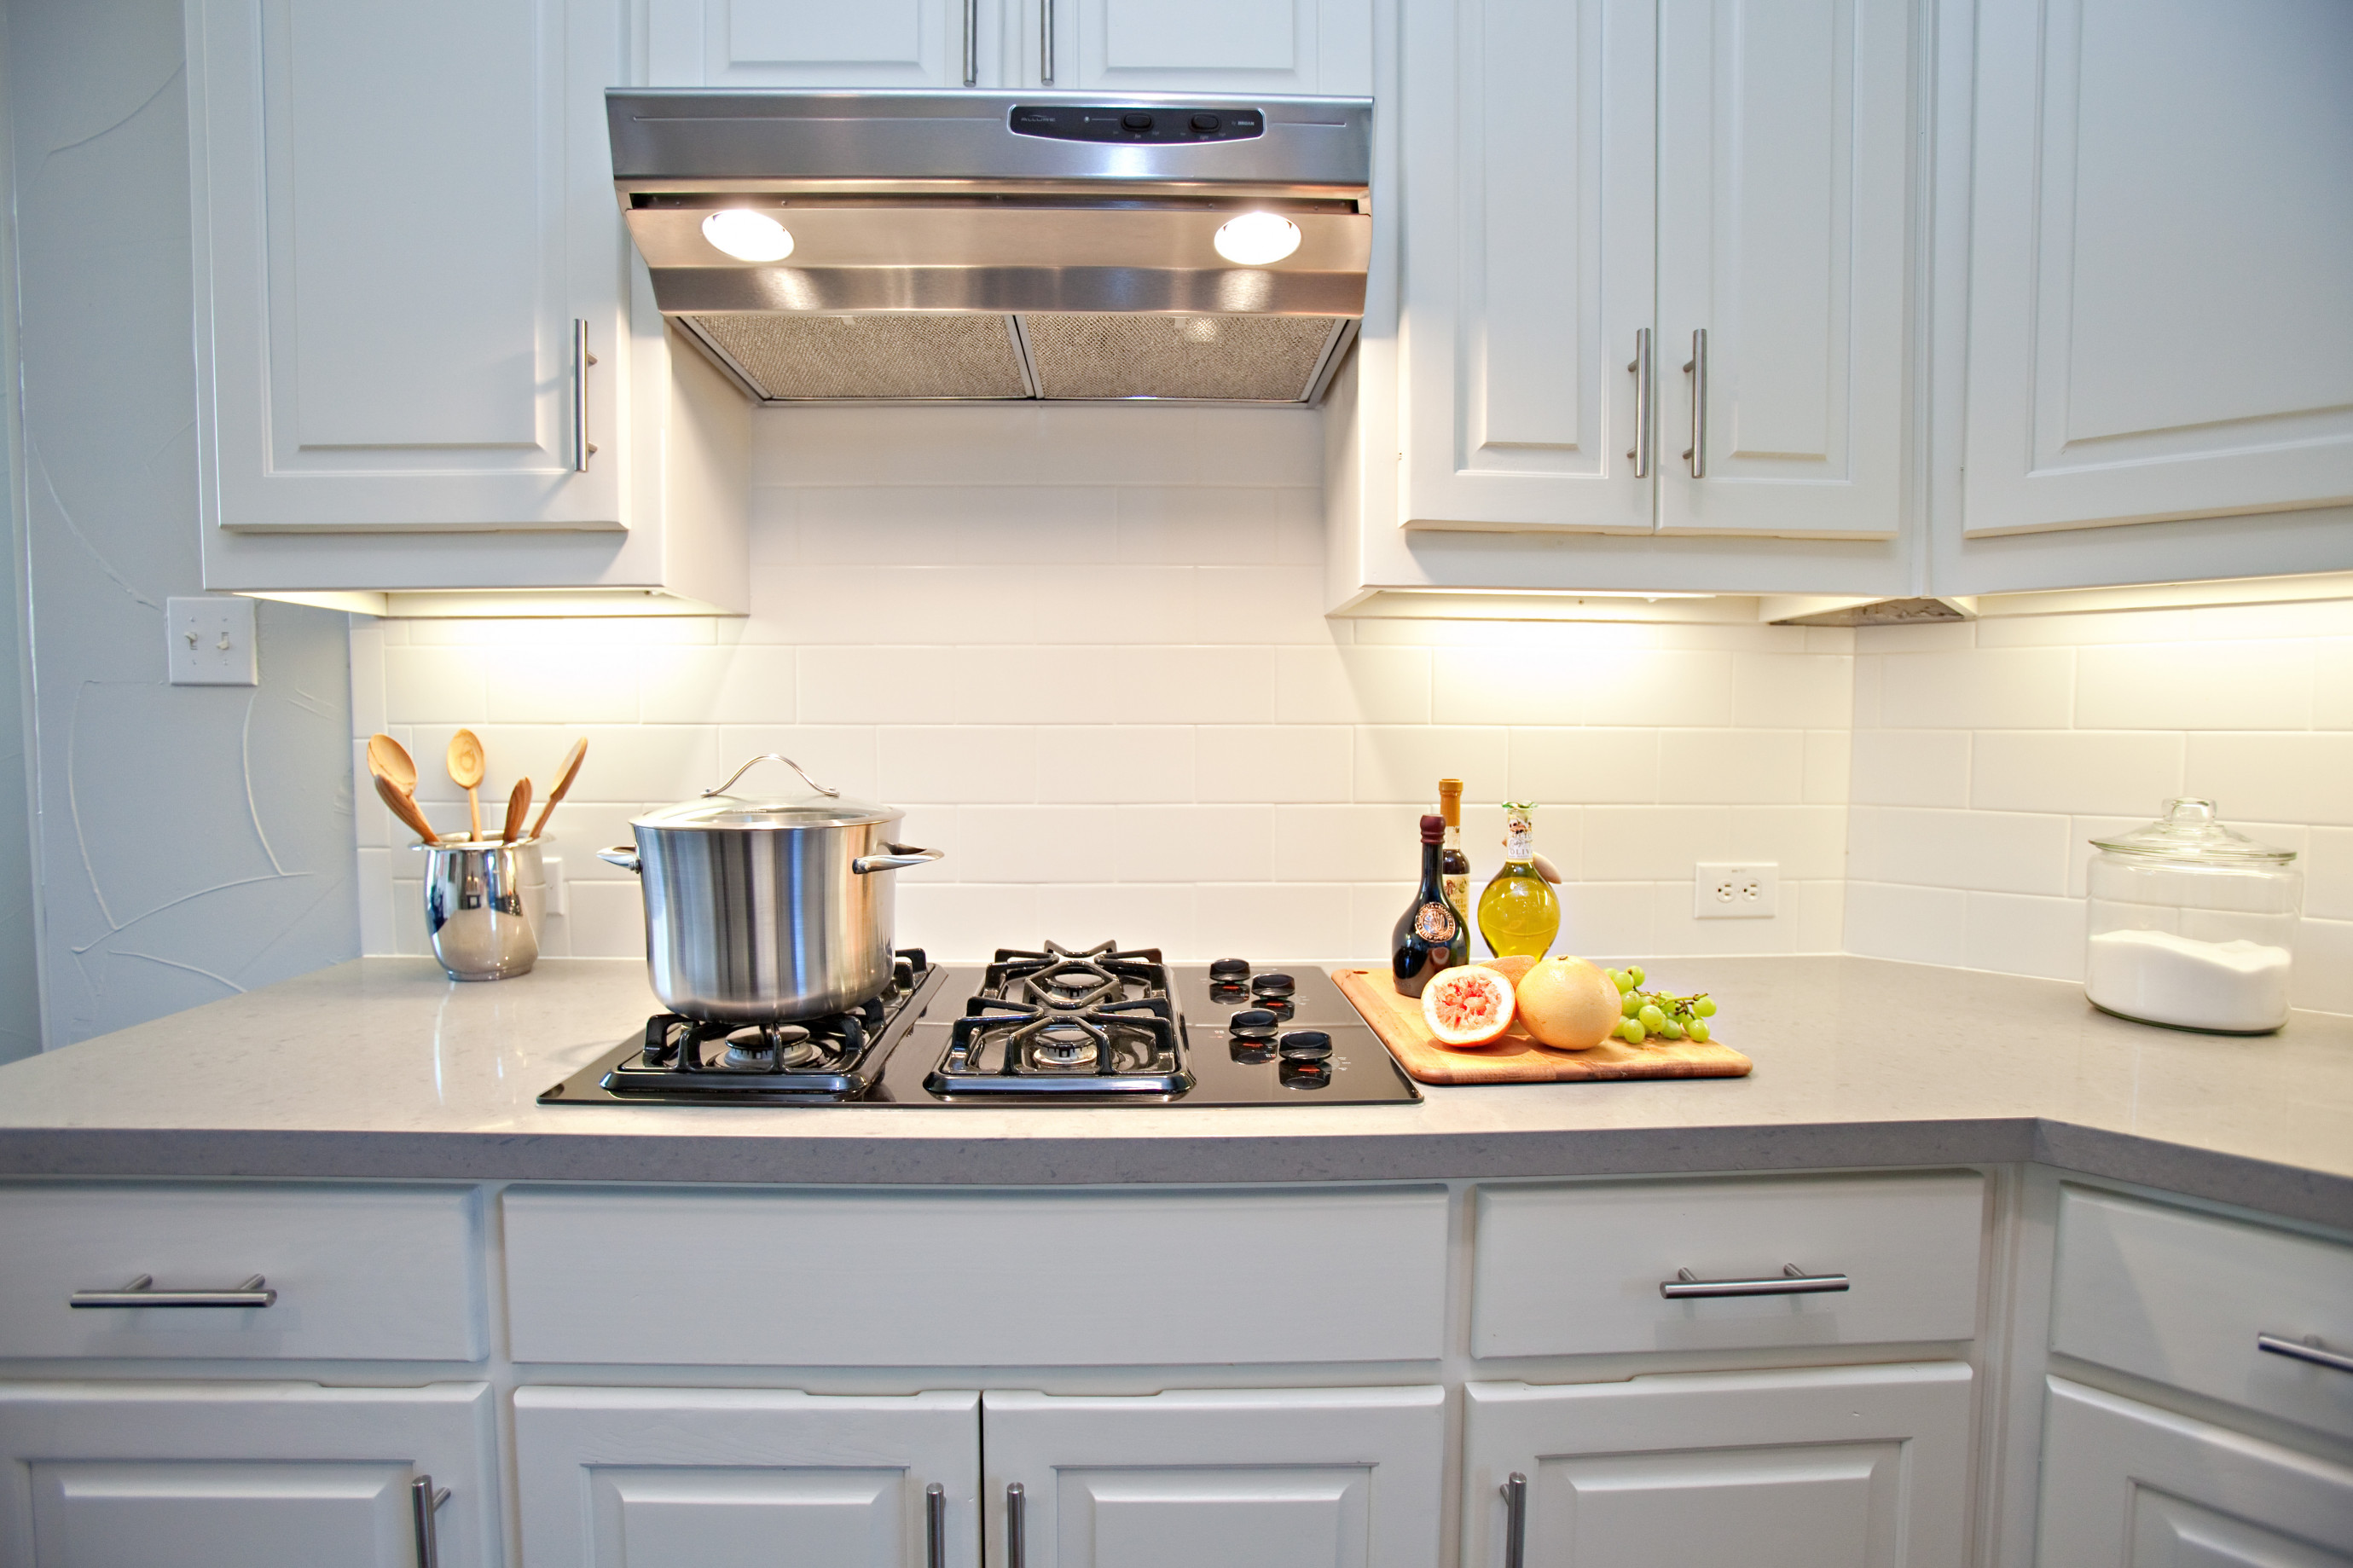 Kitchen Backsplashes Subway Tiles Elegant White Subway Tile Backsplash